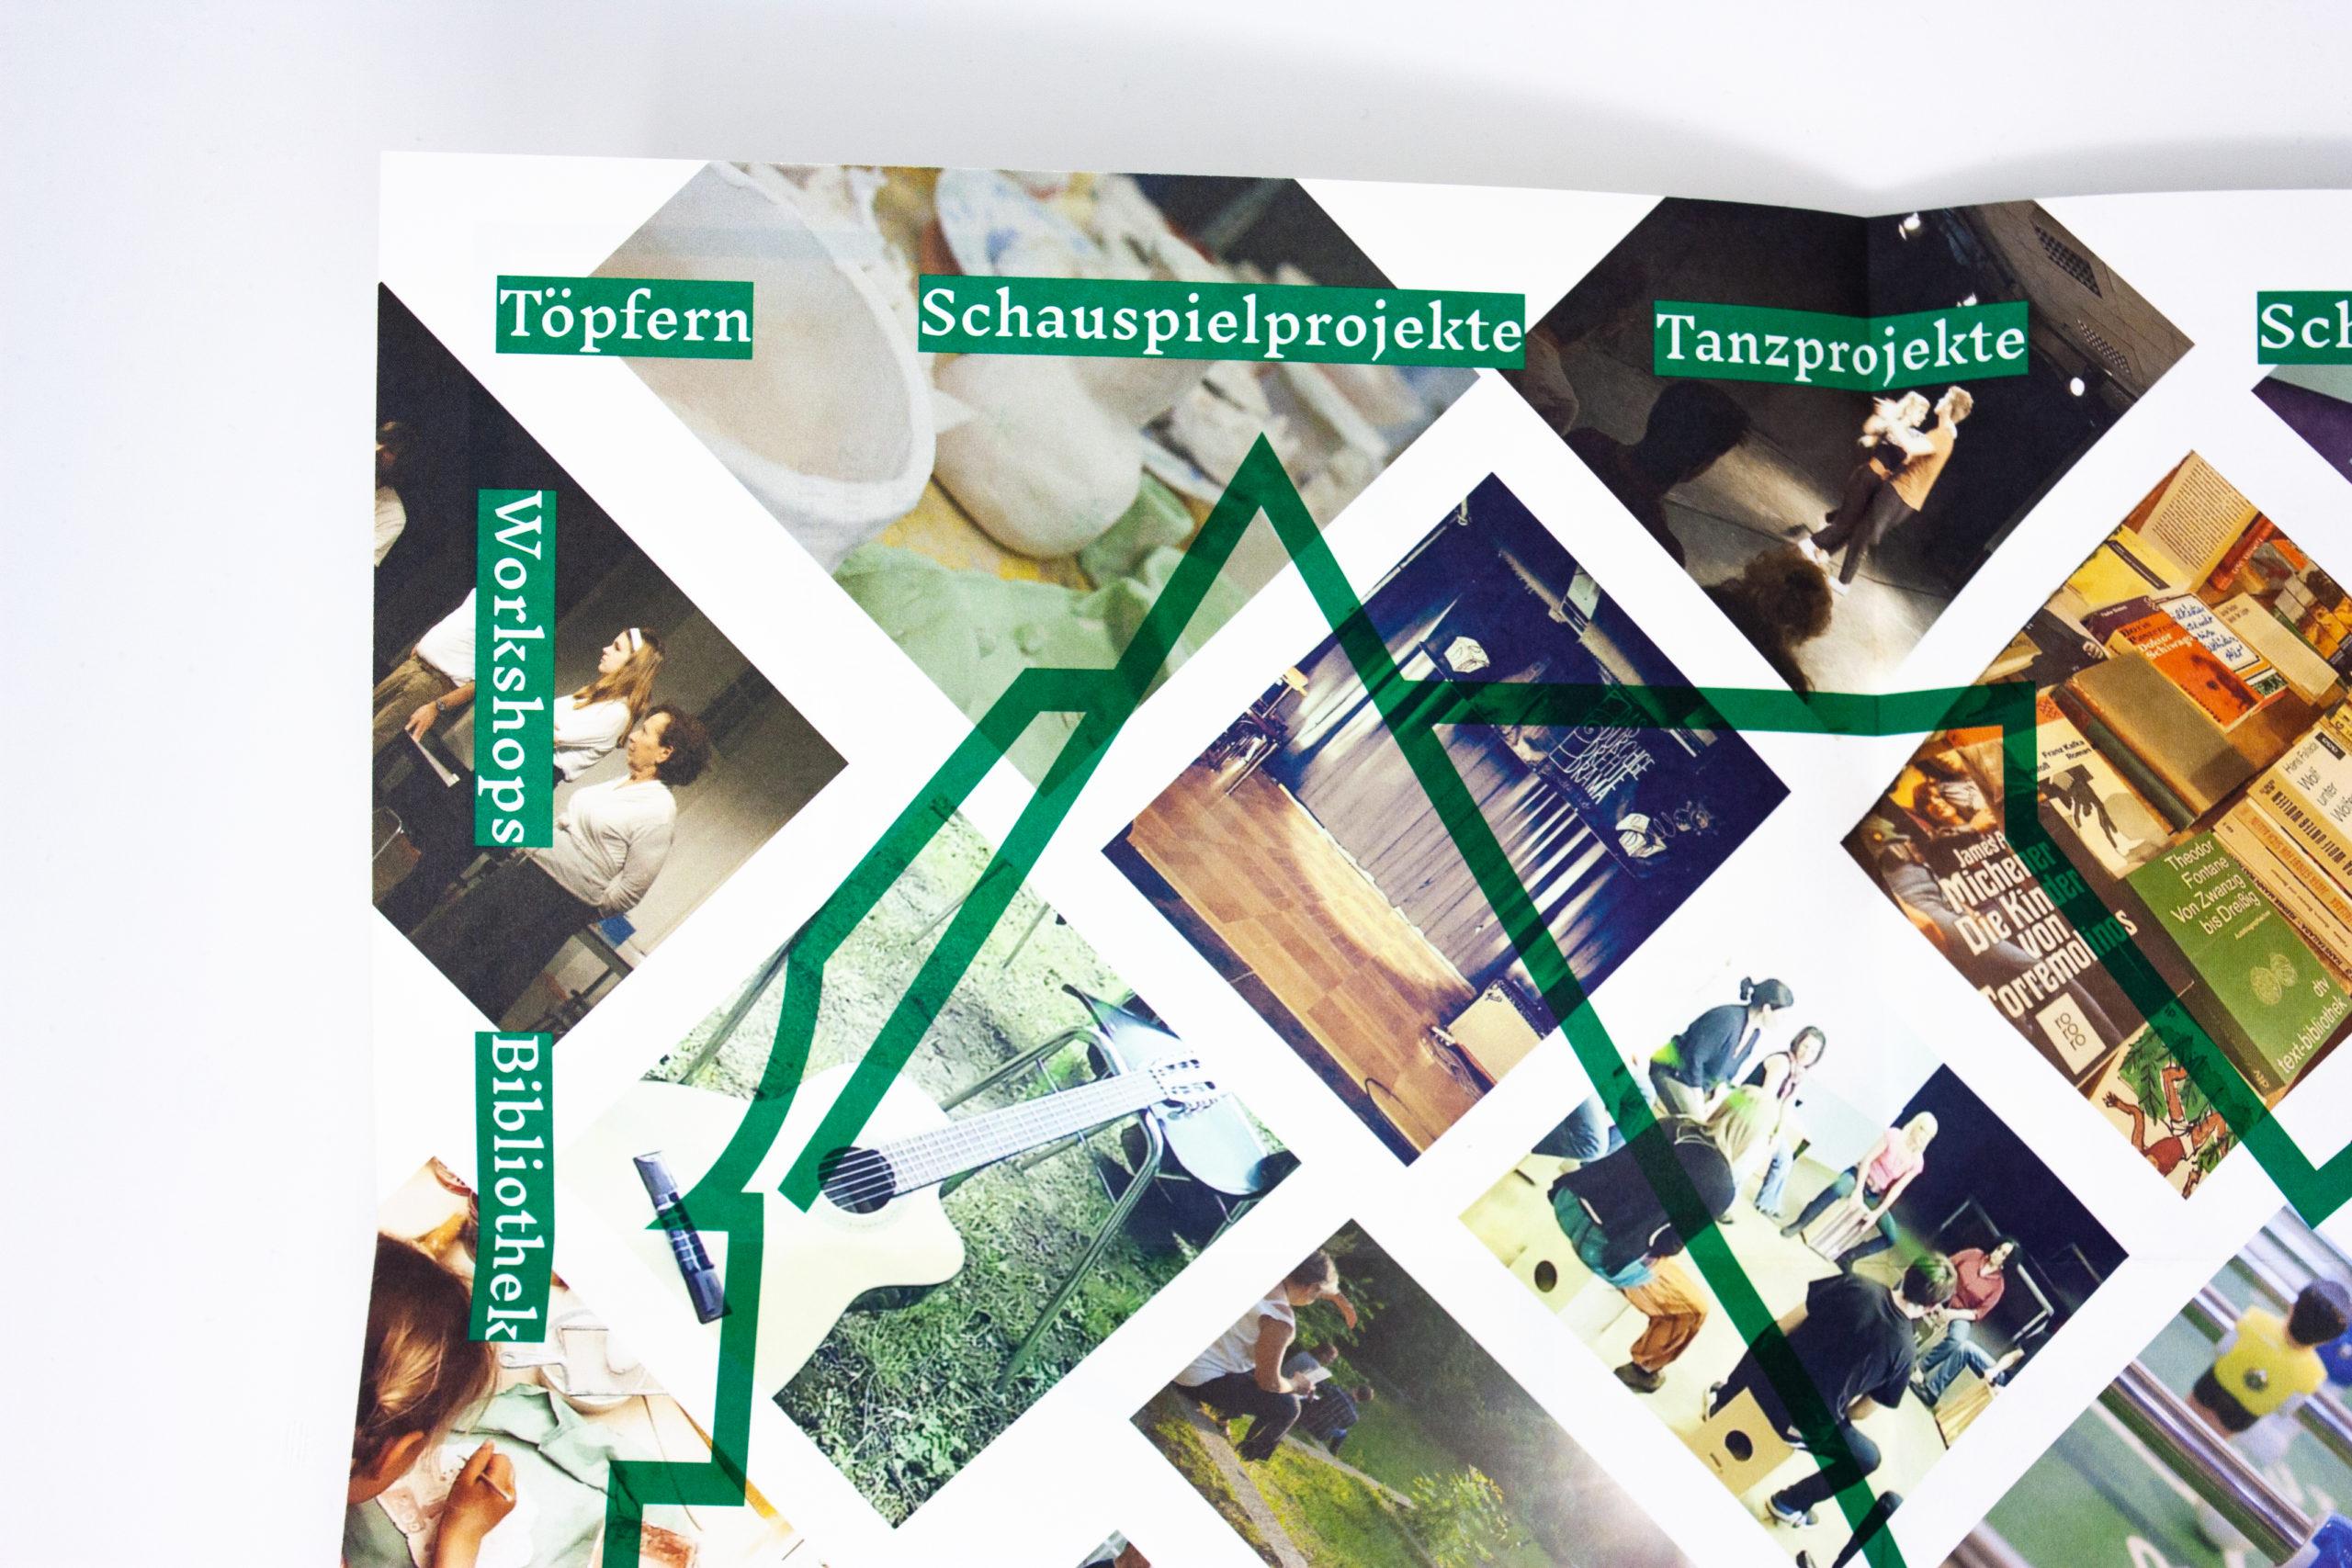 FORMLOS-Design-Haus_der_jugend_Zehlendorf-Flyer-Print-8